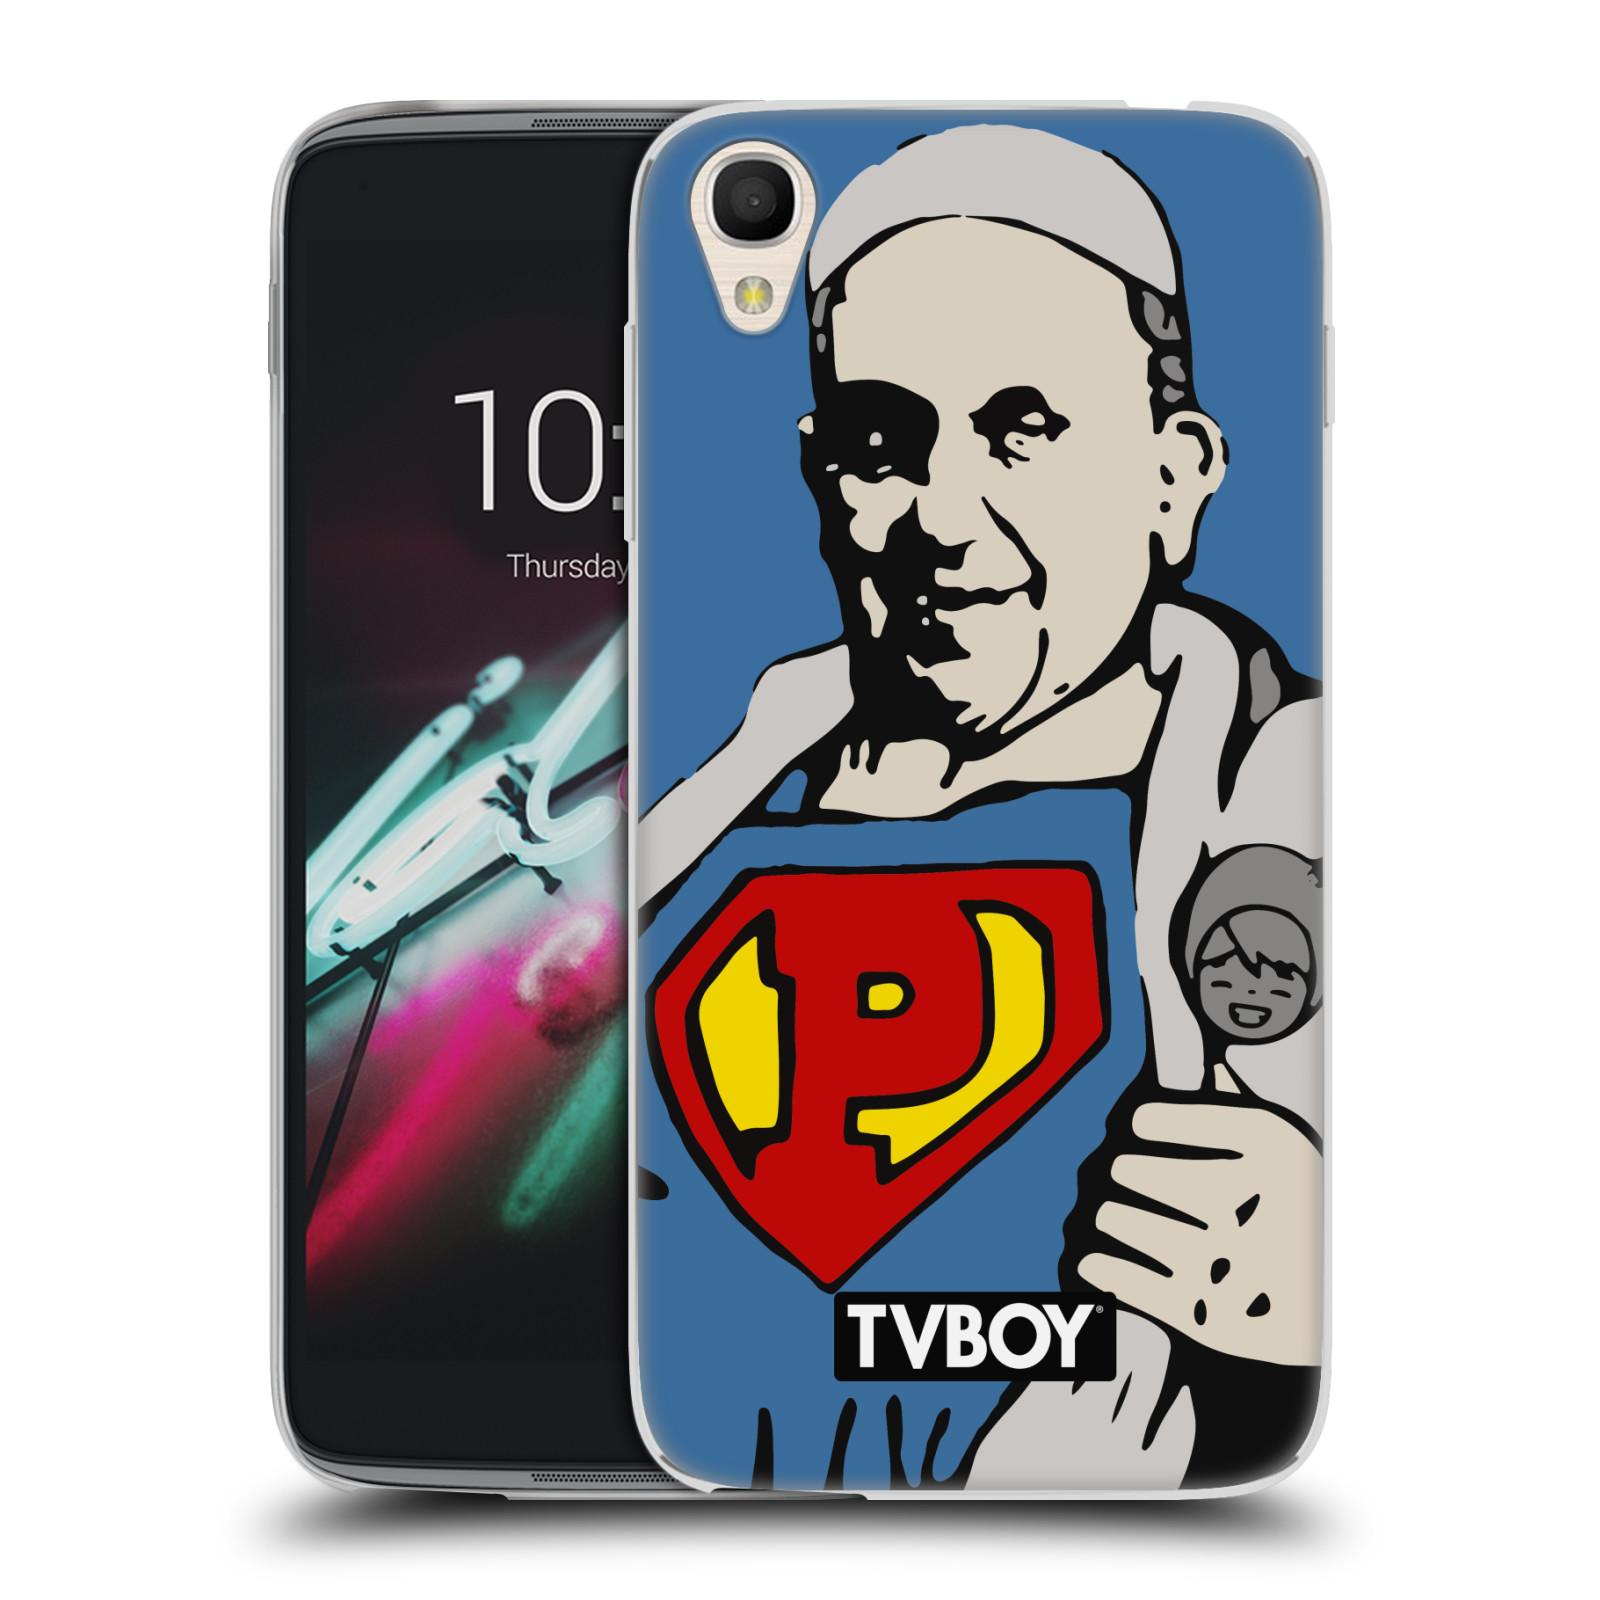 """Silikonové pouzdro na mobil Alcatel One Touch 6039Y Idol 3 HEAD CASE - TVBOY - Super Papež (Silikonový kryt či obal na mobilní telefon s licencovaným motivem TVBOY pro Alcatel One Touch Idol 3 OT-6039Y s 4,7"""" displejem)"""